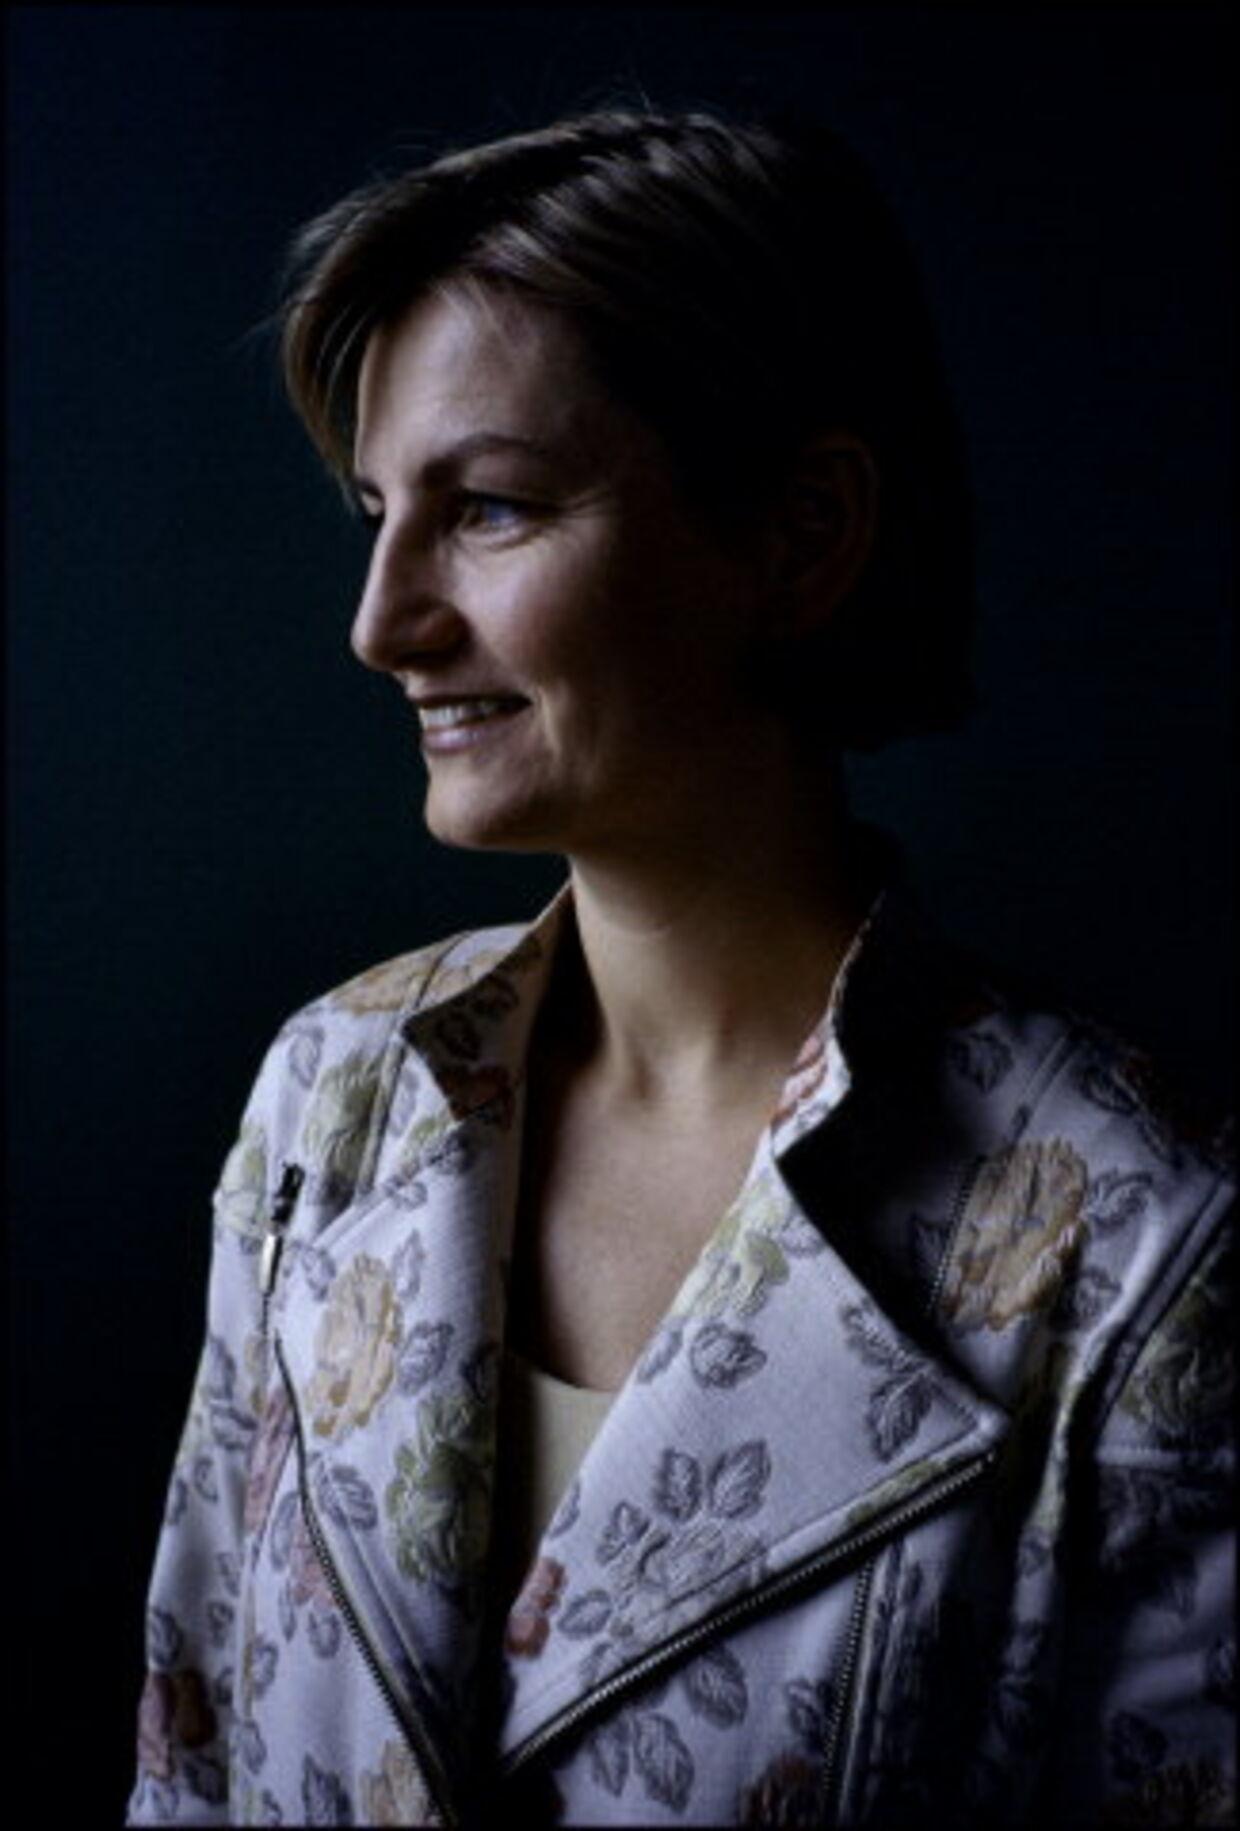 HAR BEVIST DET: »Jeg tror godt, jeg kan være hård. Og jeg synes også, jeg har bevist det,« siger undervisningsminister Ulla Tørnæs. Foto: Thomas Nielsen.